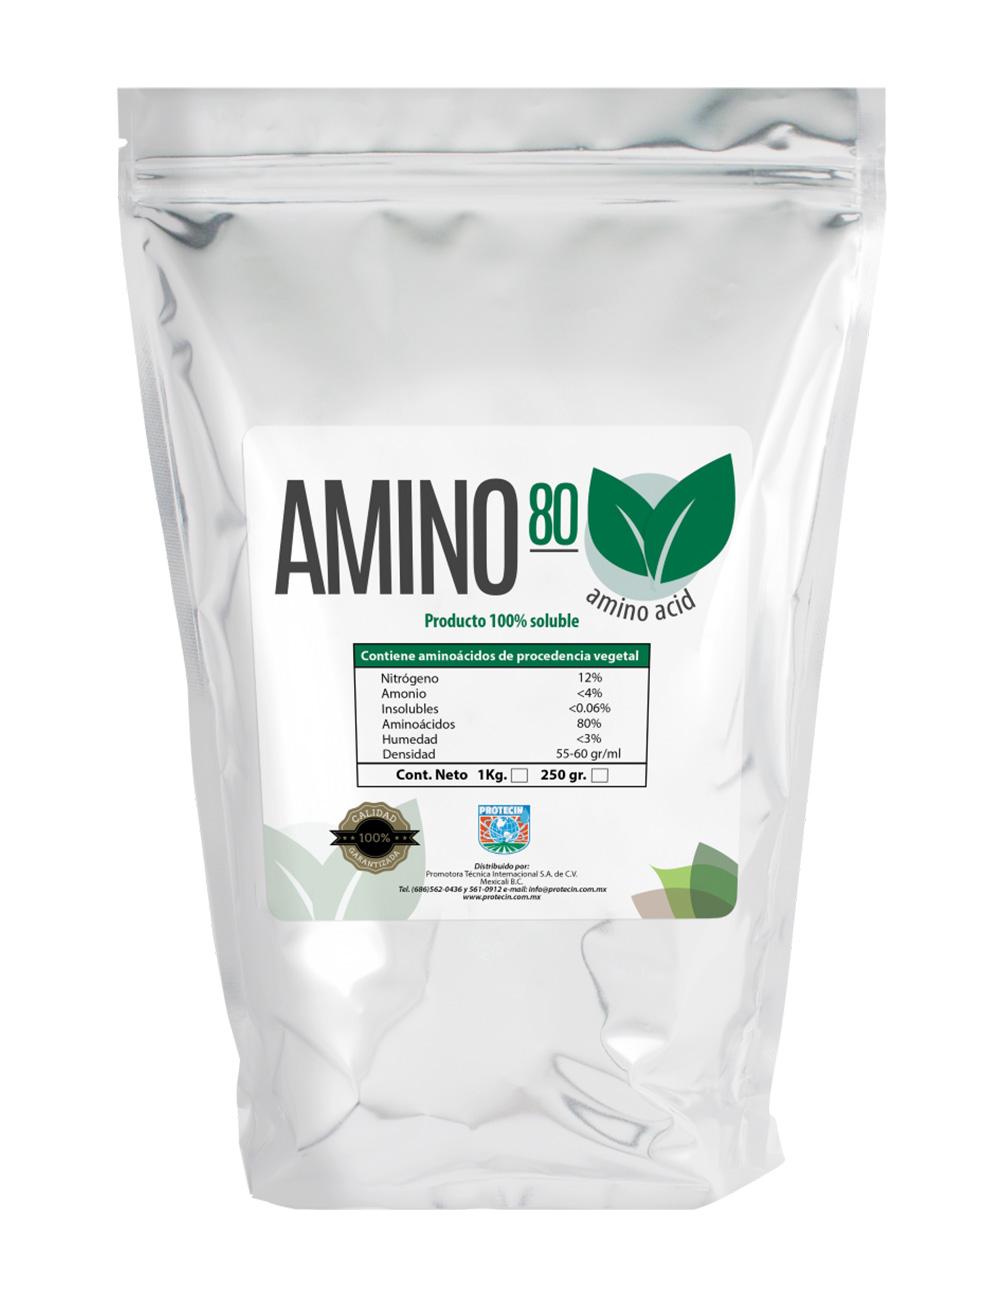 Amino 80